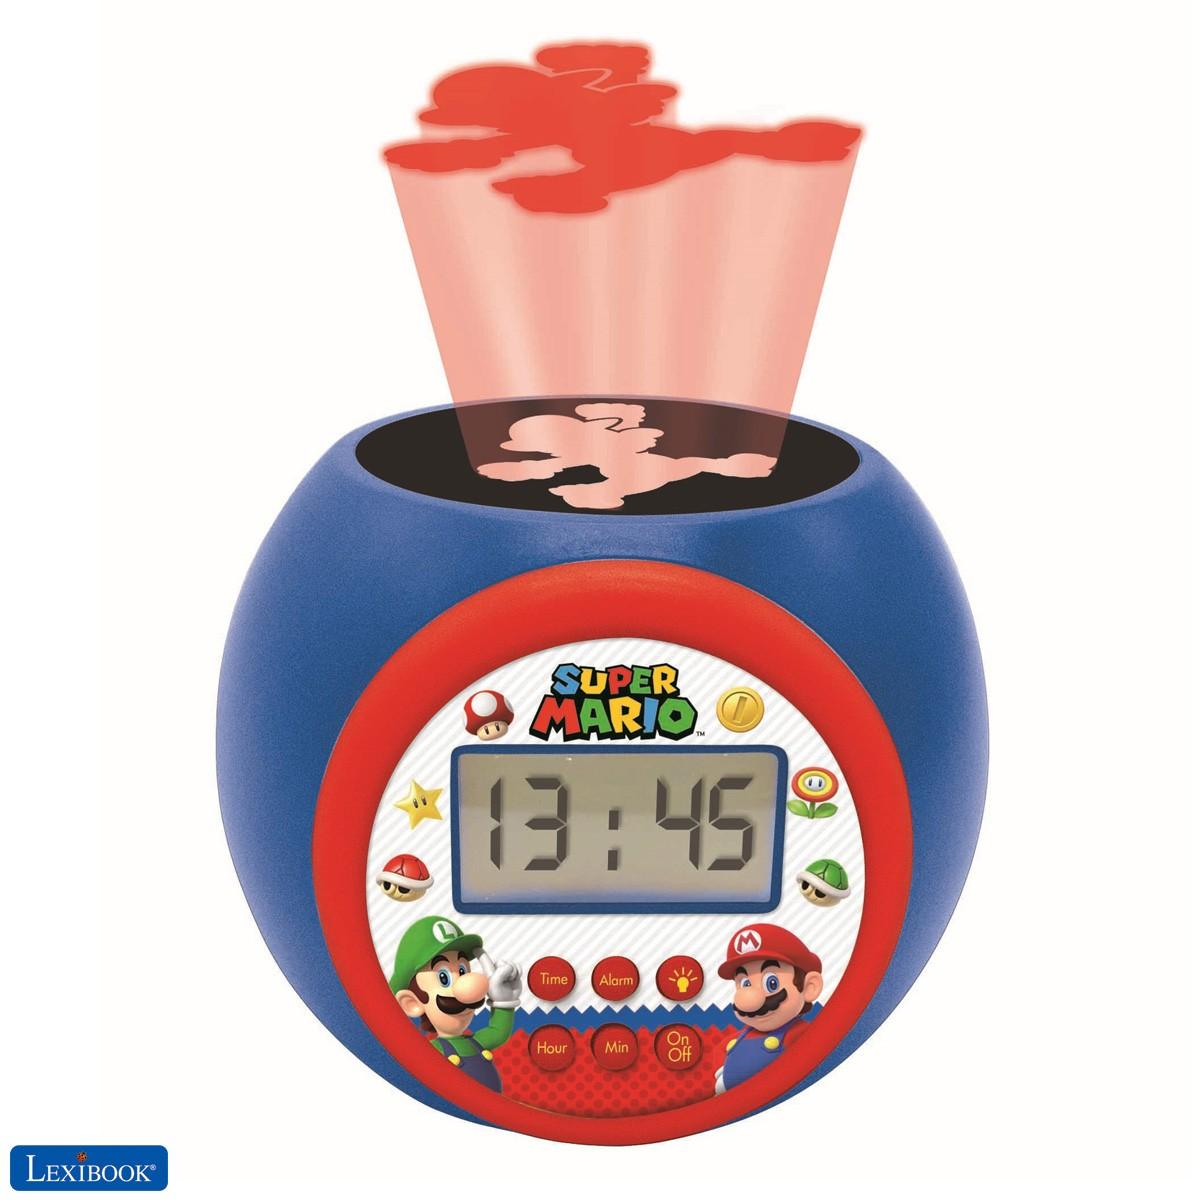 Projector Alarm Clock Nintendo Super Mario & Luigi